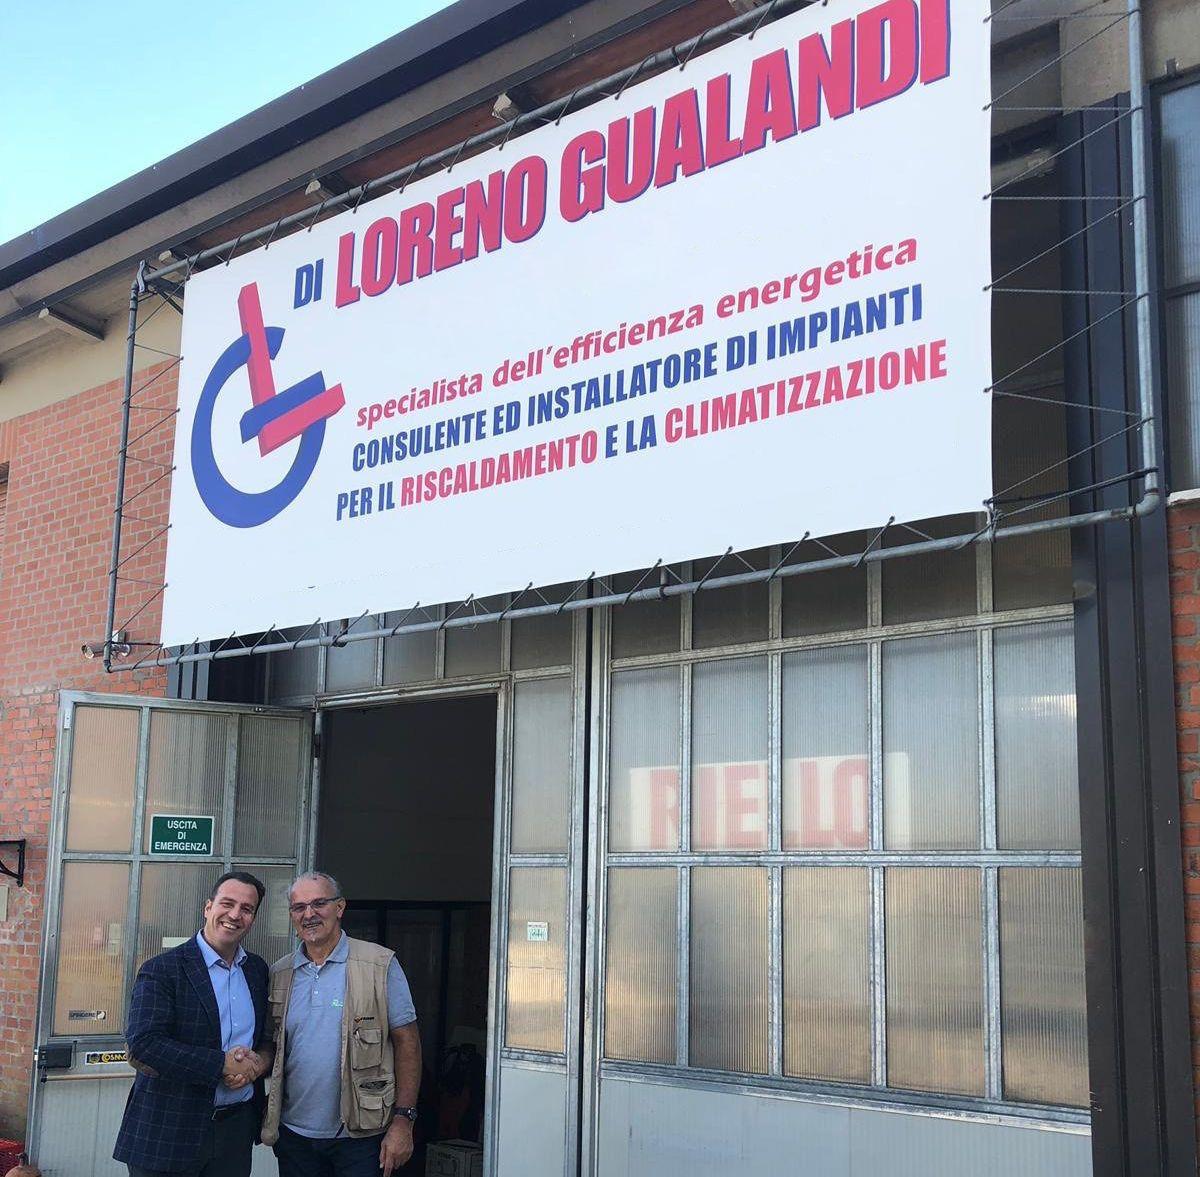 Cillnaku e Loreno Gualandi